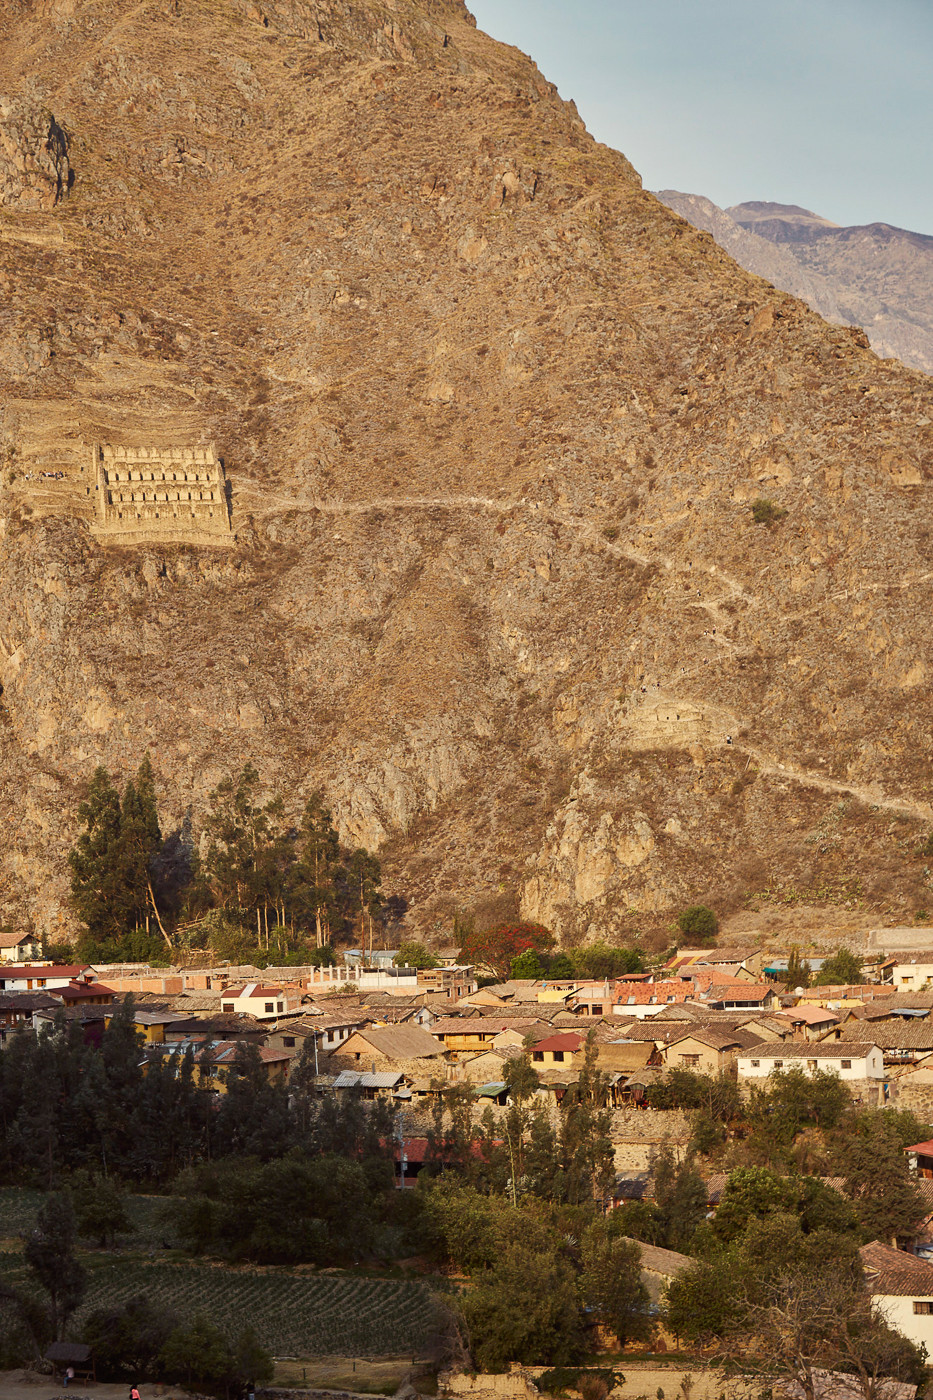 Die Ruinen von Pinkuylluna gegenüber der Ruinen von Ollantaytambo. Die in sonnenlicht getauchten Ruinen dienten den Inka als Getreidespeicher